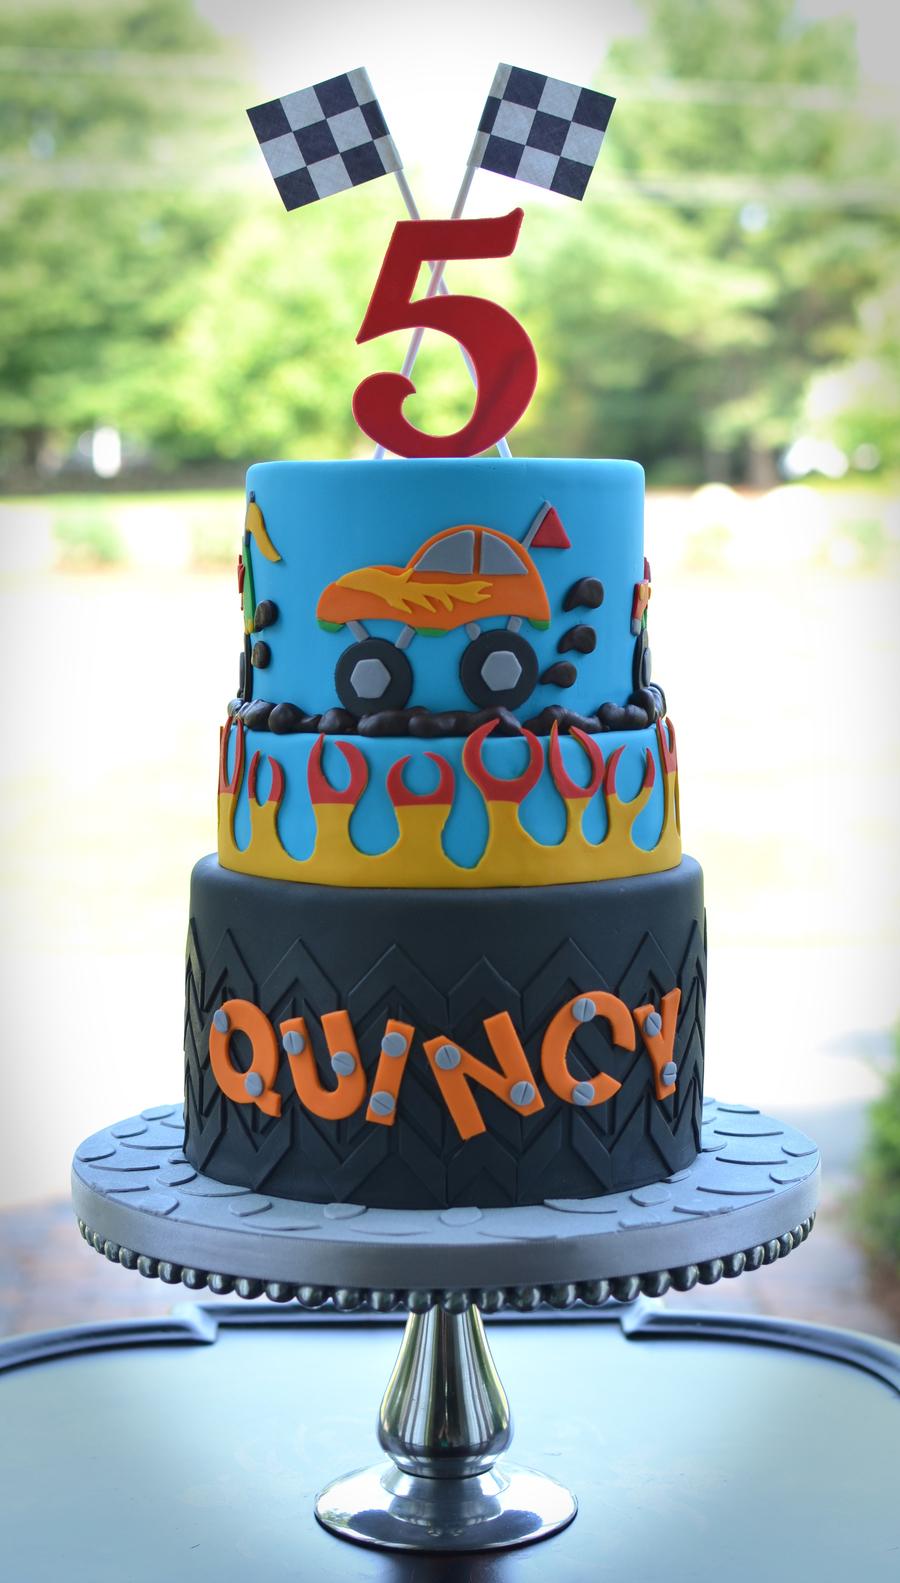 Monster Truck Themed Birthday Cake On Central